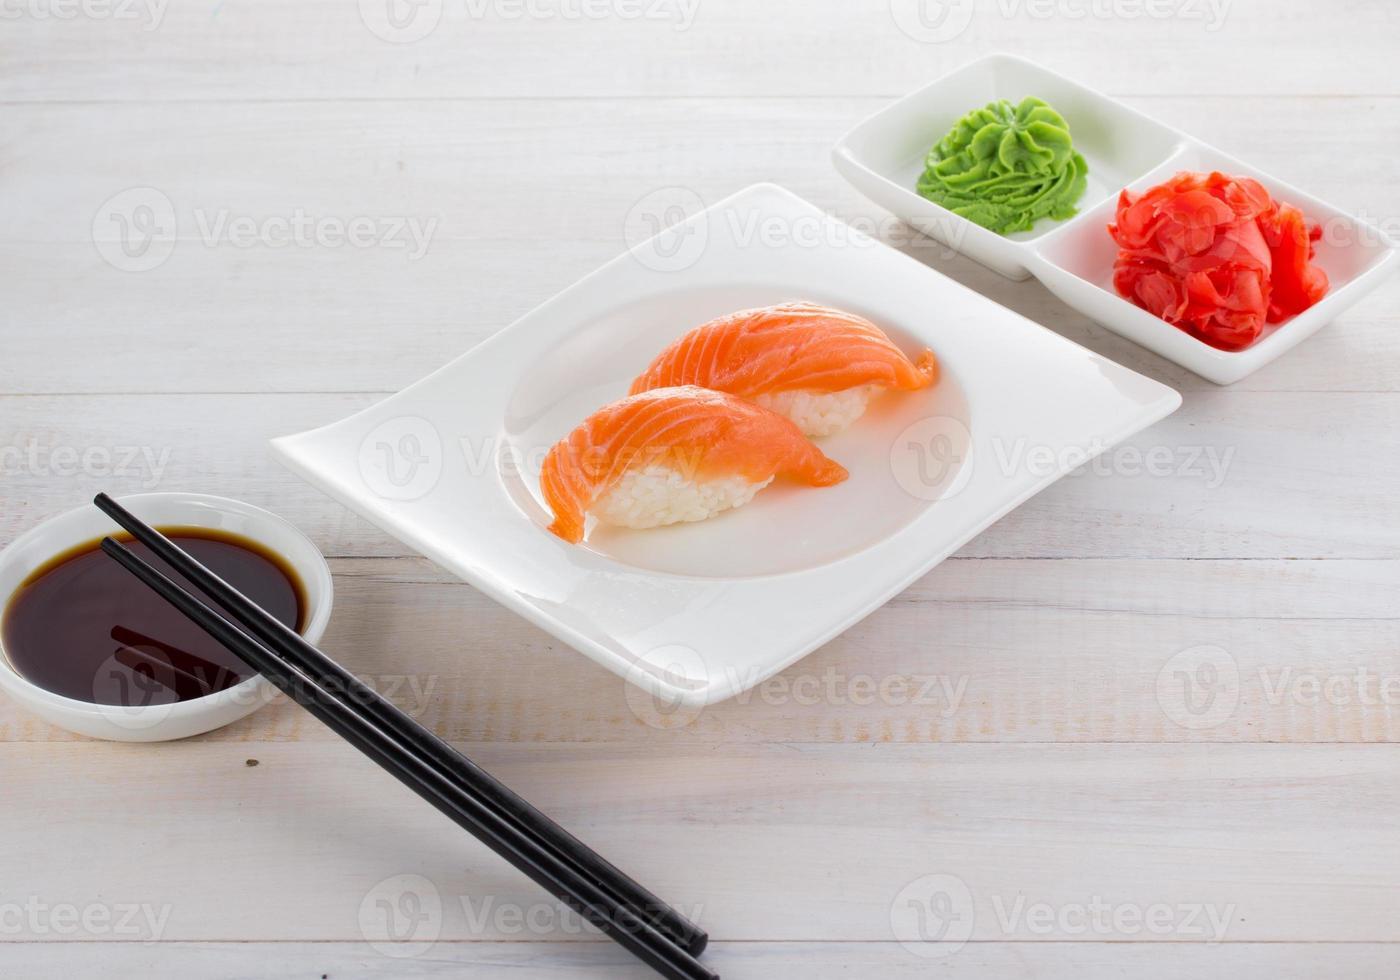 japanische Küche. Sushi auf einem Gete über Holzhintergrund foto